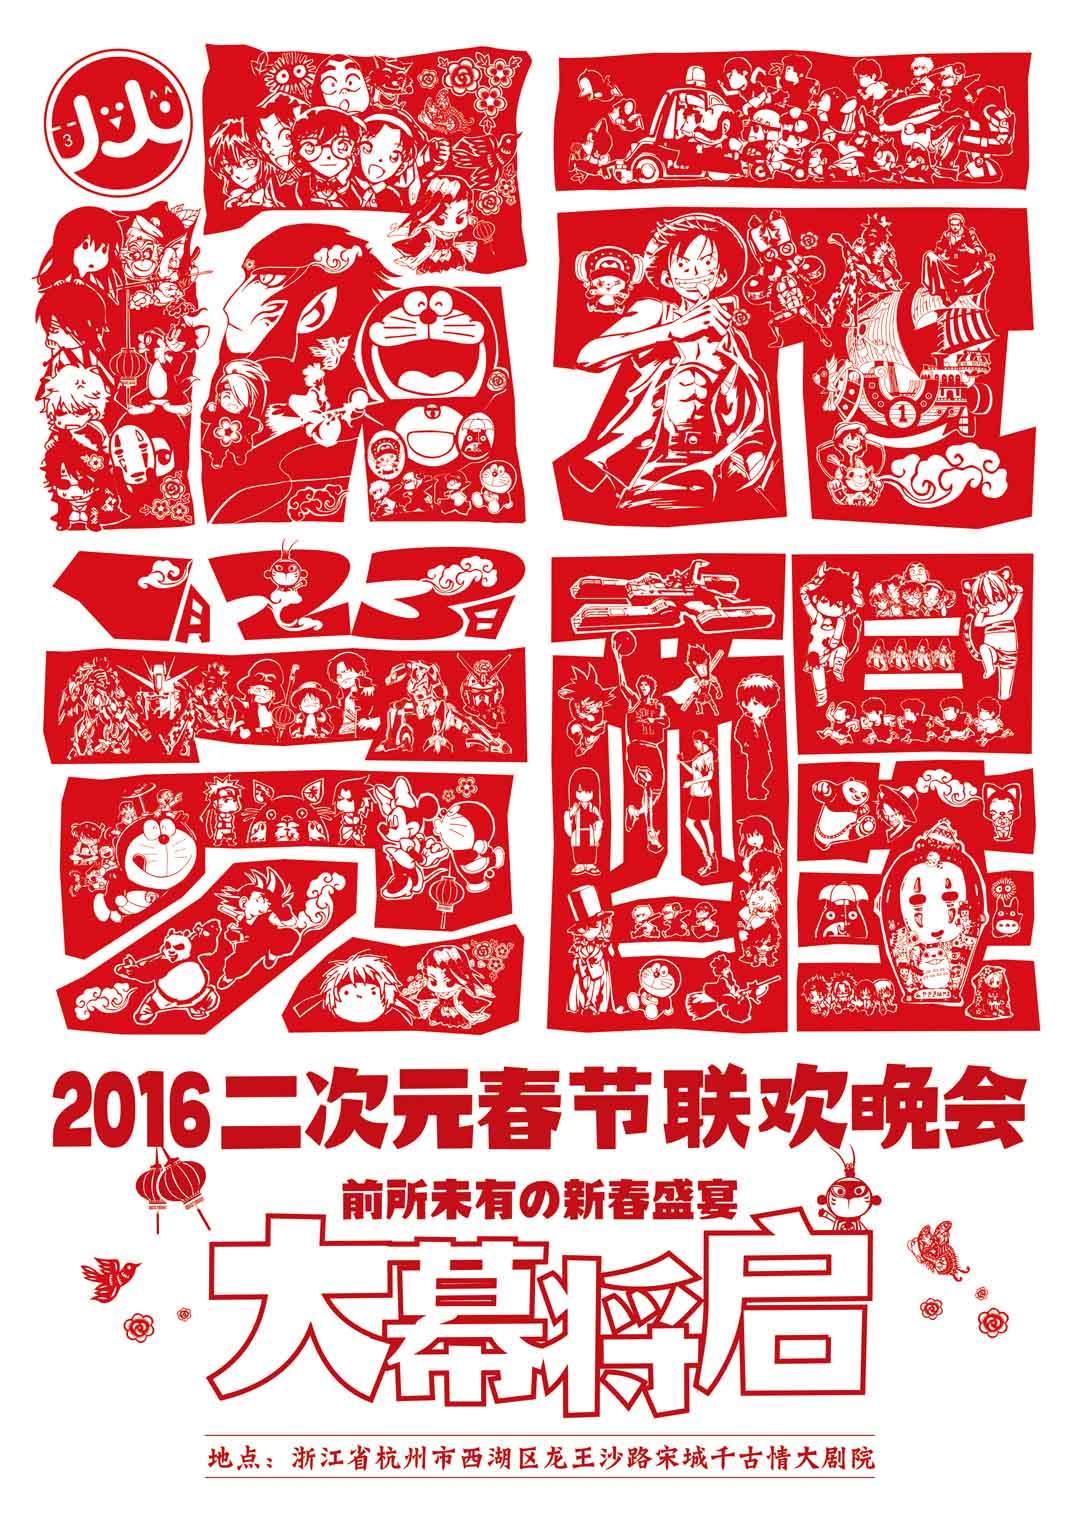 2016年二次元春晚